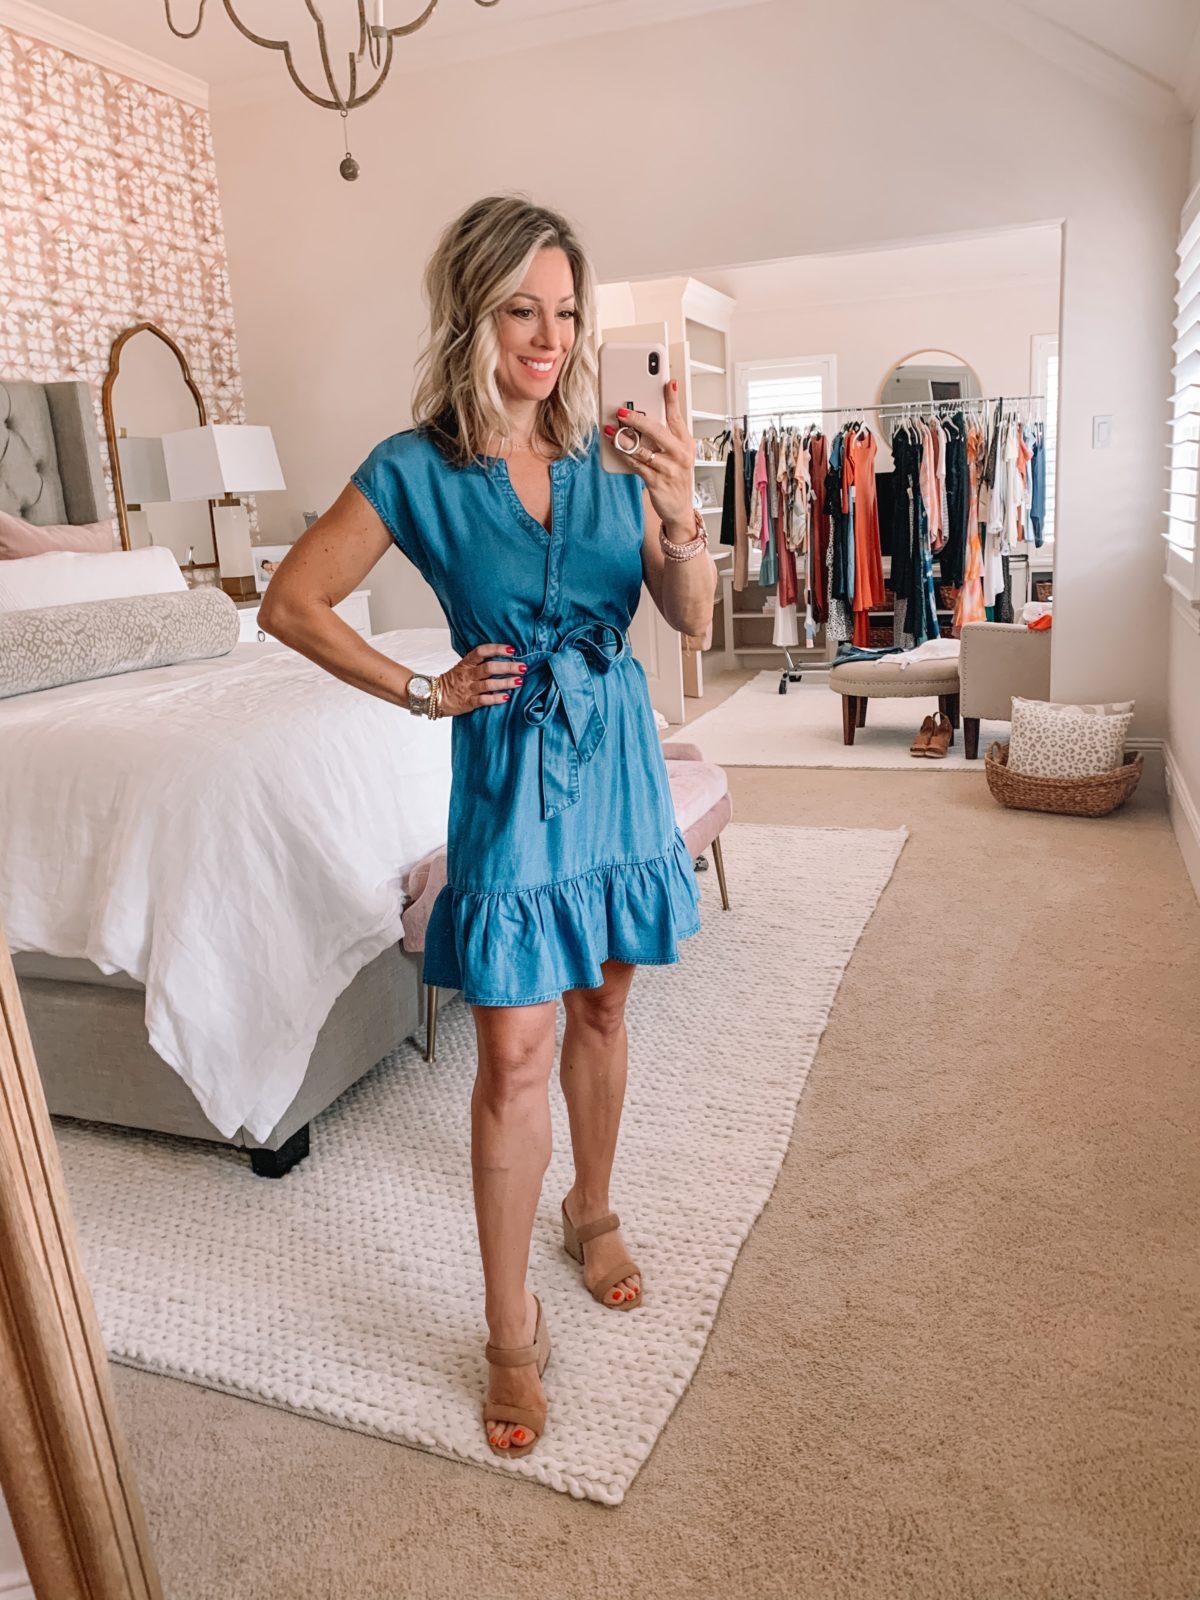 Dressing Room Finds Nordstrom and Target, Denim Wrap Dress, Sandals